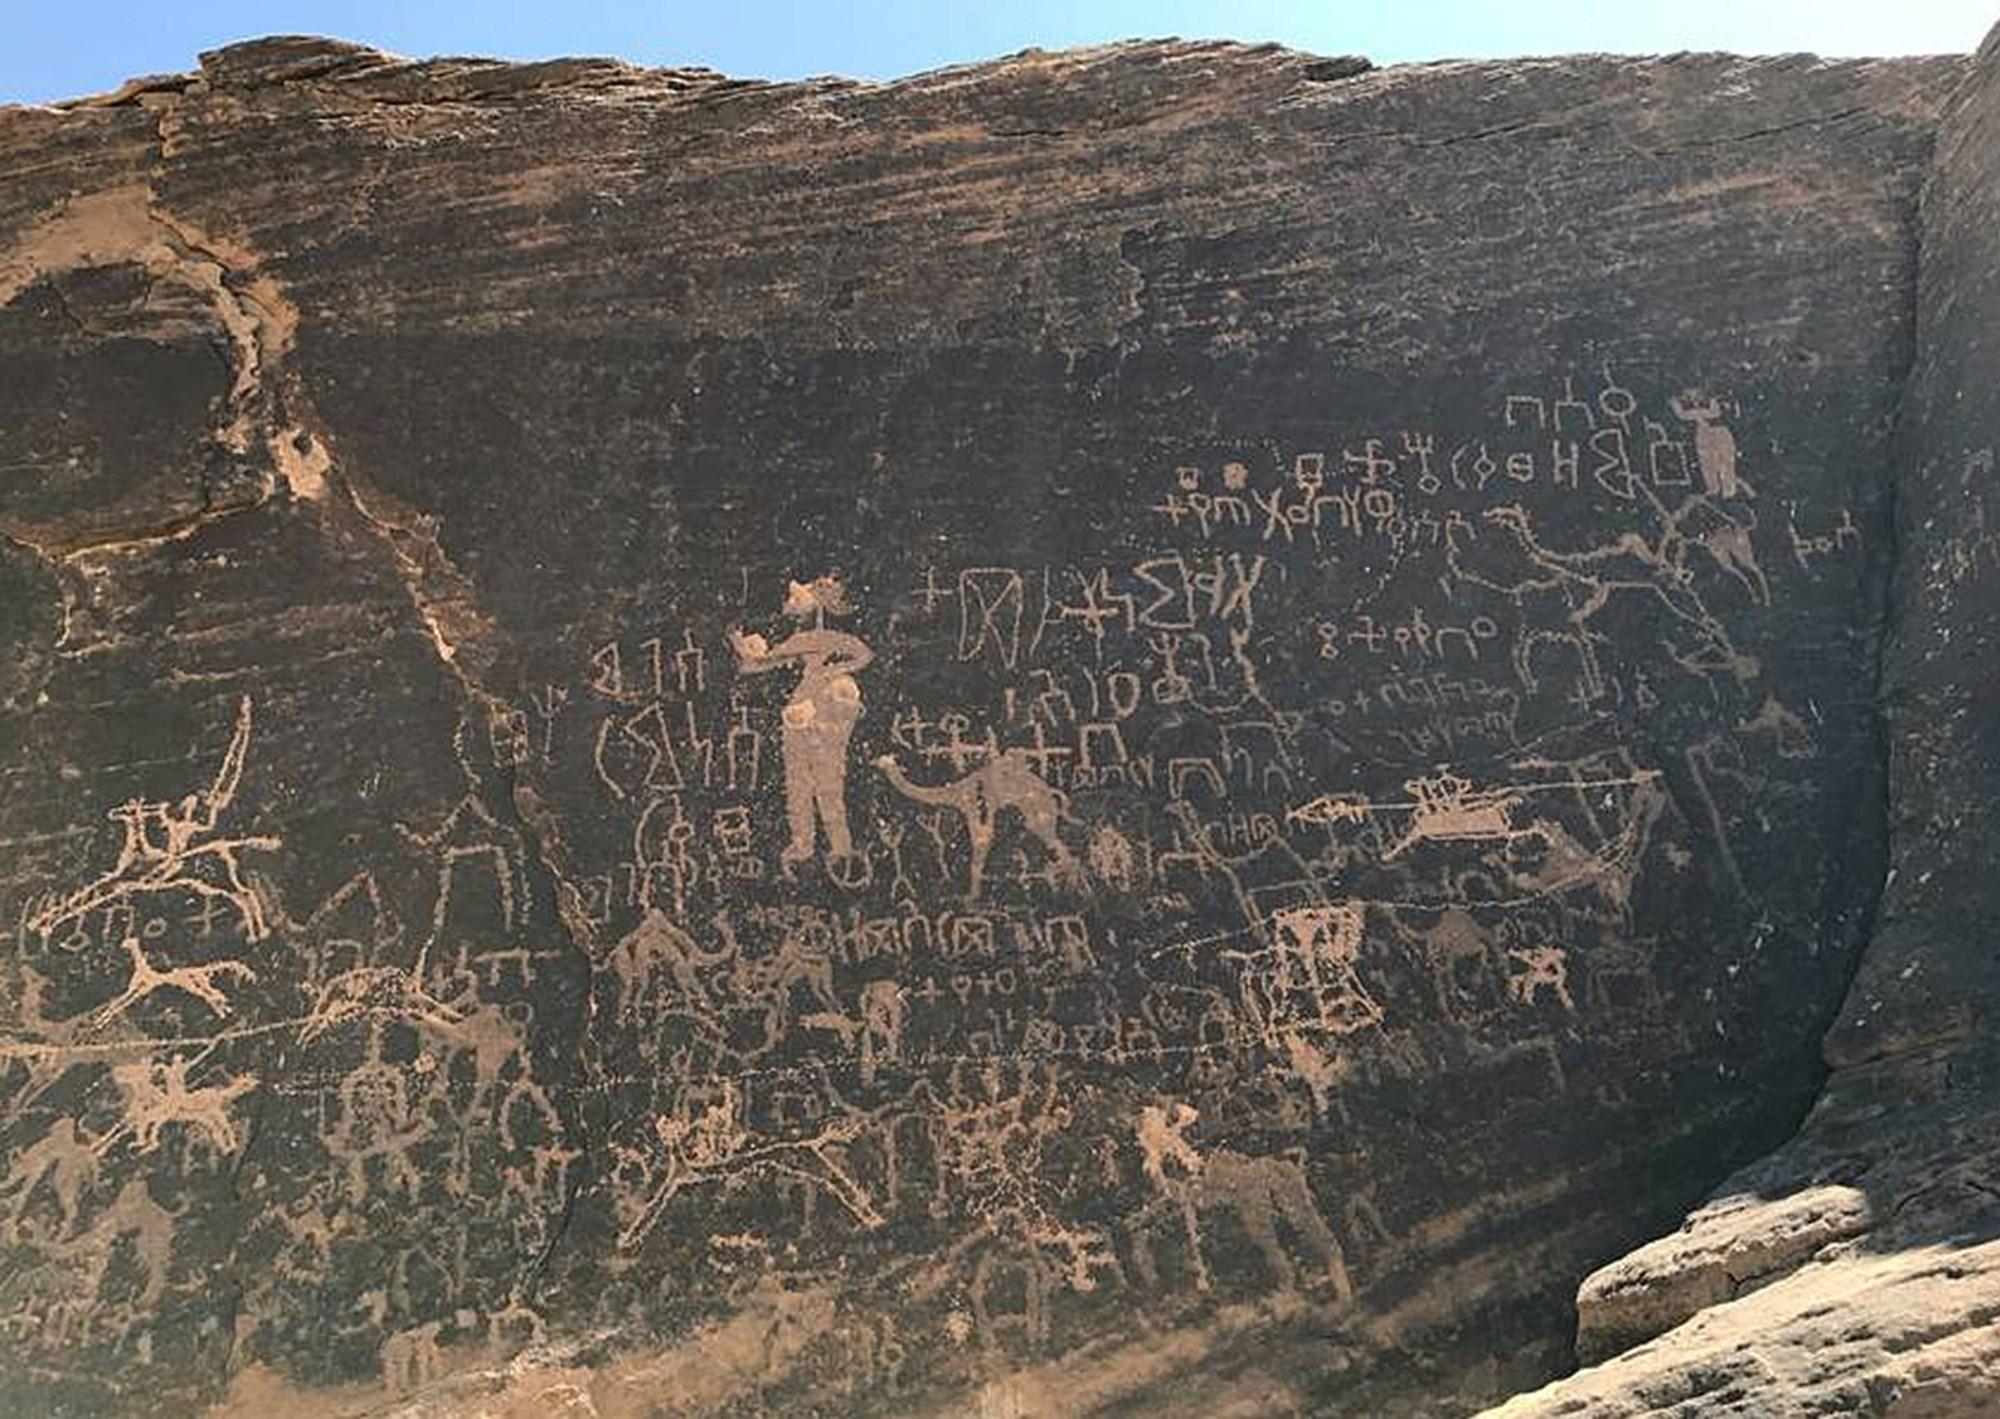 Geheimnisvolle Felsbilder lassen sich mit neuer Methode datieren – derStandard.at